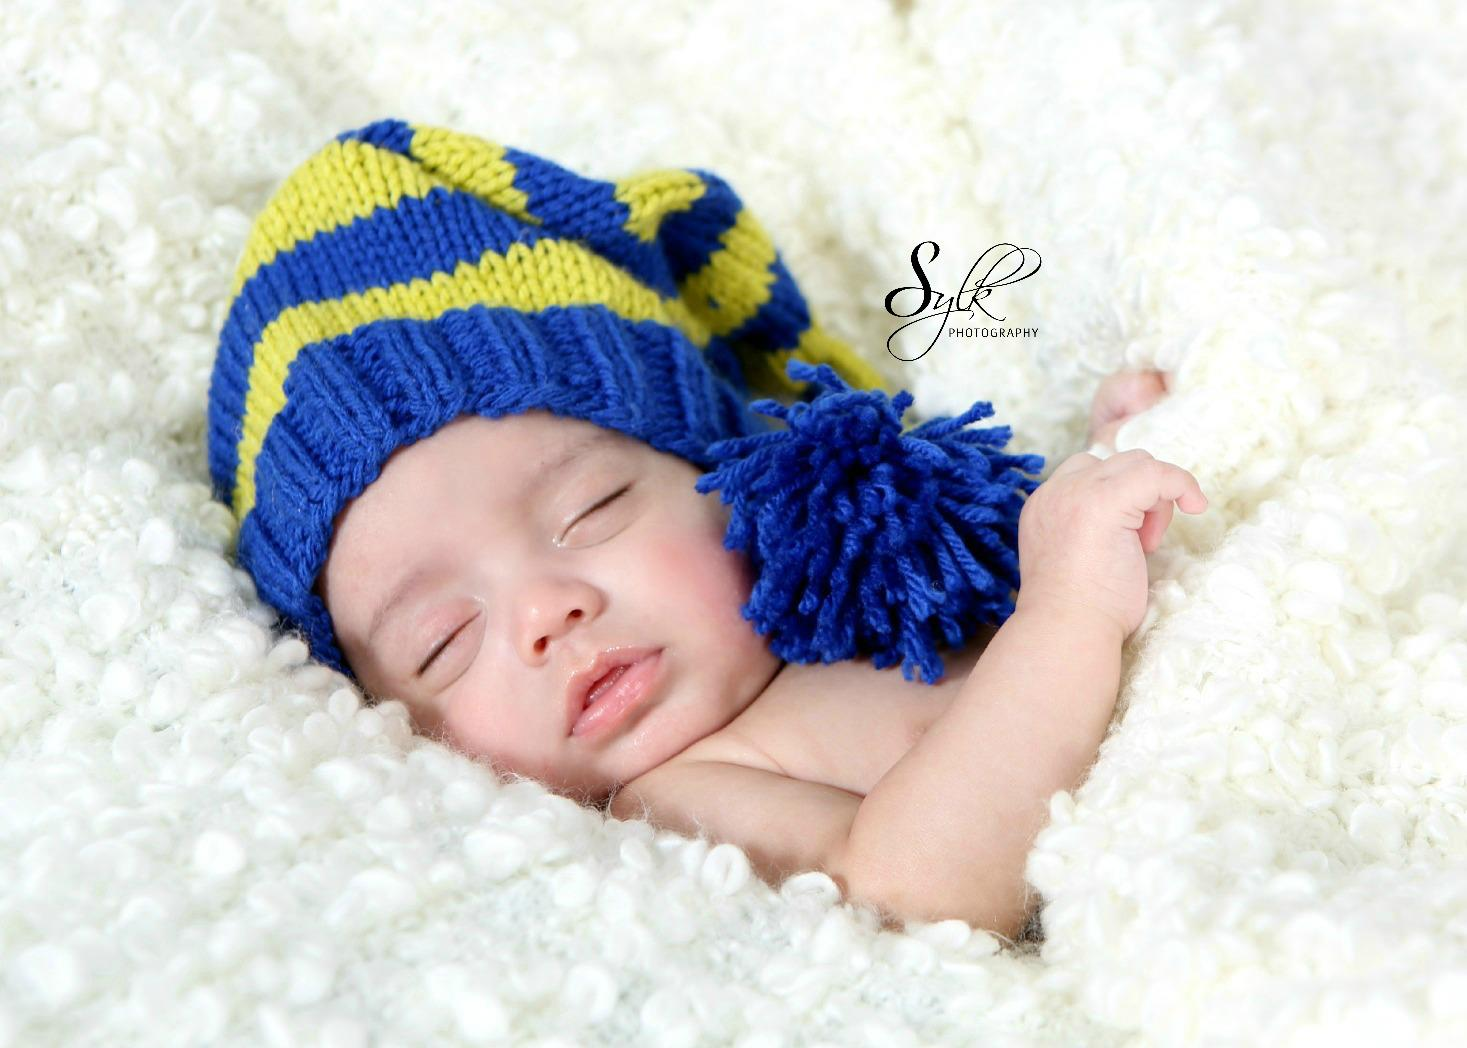 Hand crochet baby hat